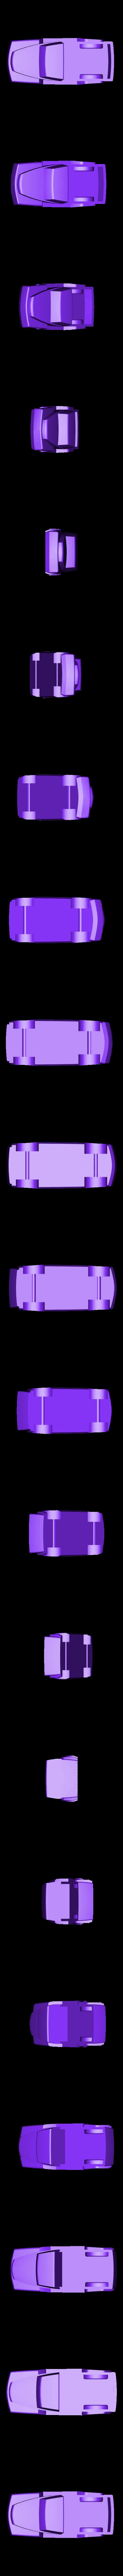 79adfe04de59b2ca9f8b394cfb9e3fa61b8a3a29.stl Télécharger fichier STL gratuit Camionnette de jouet • Design à imprimer en 3D, 3DPrintingOne